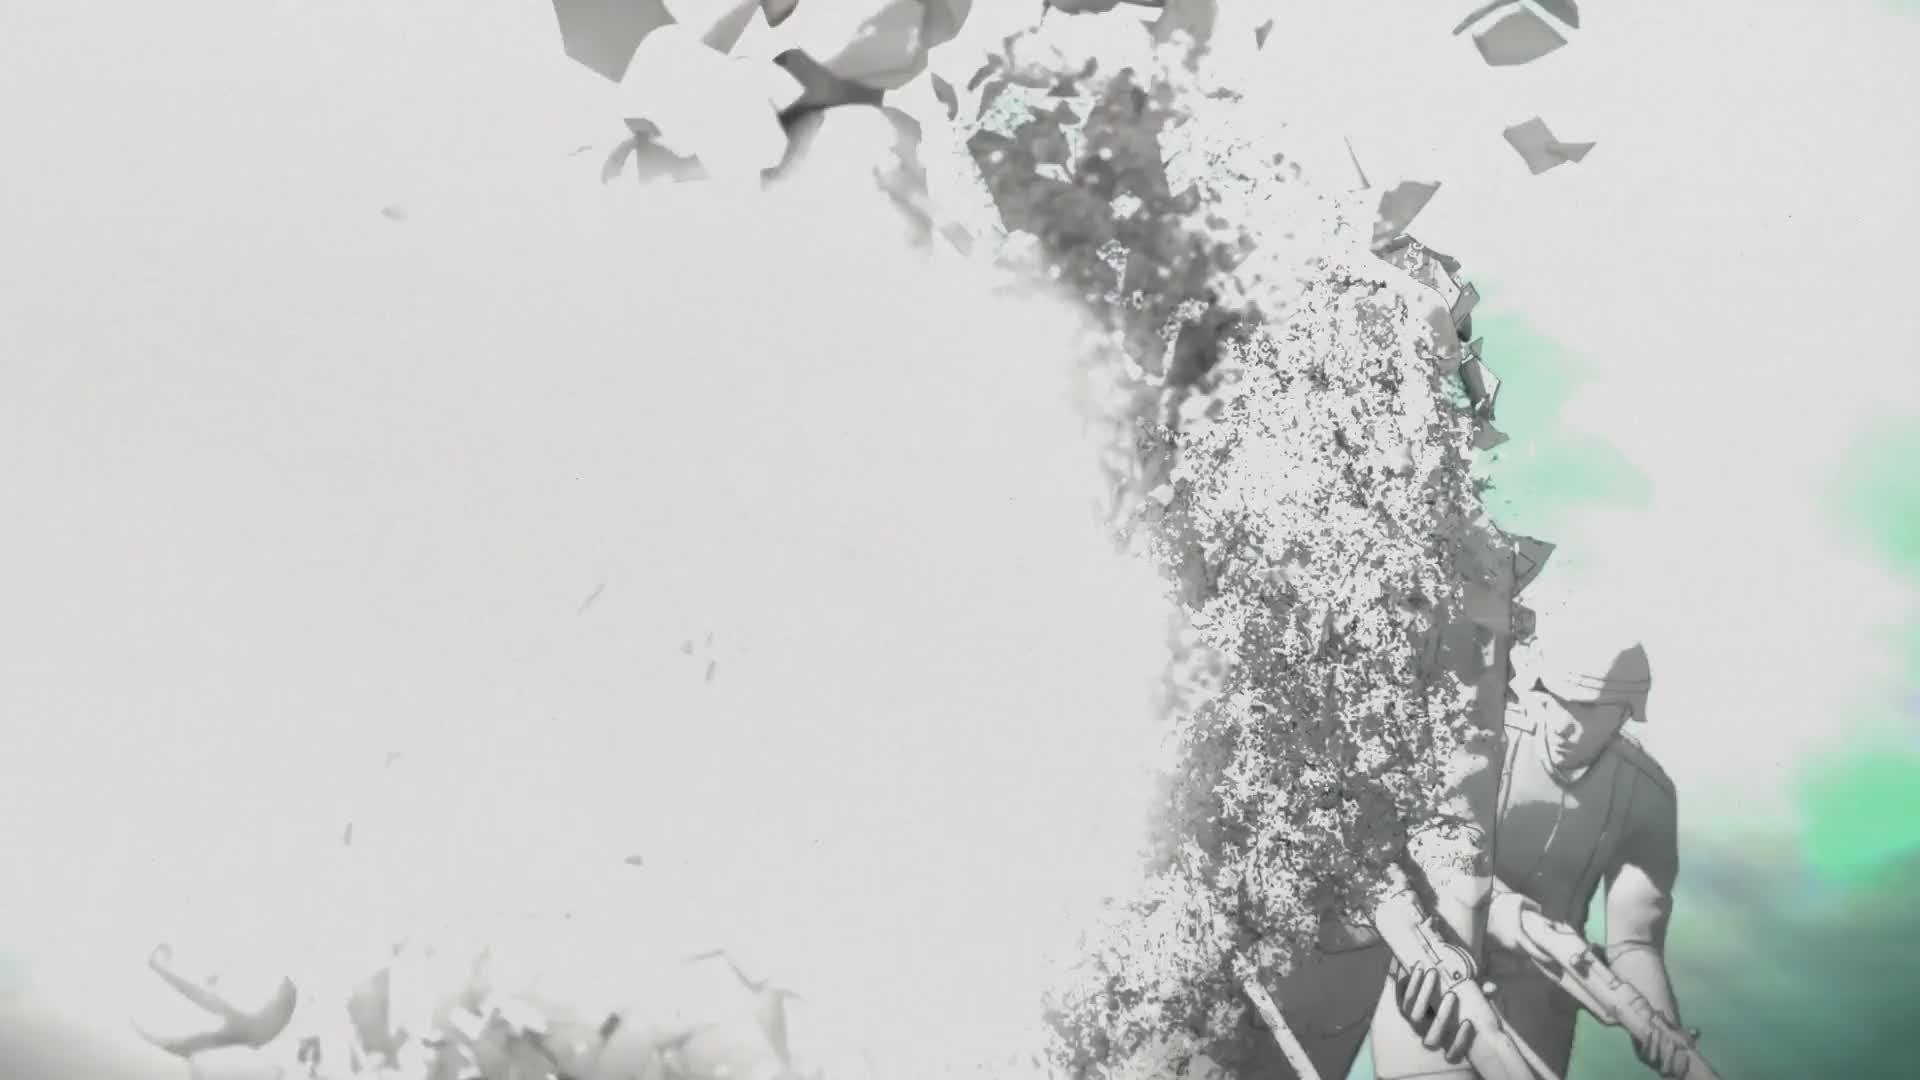 Shingeki no Kyojin: The Final Season - Episode 13